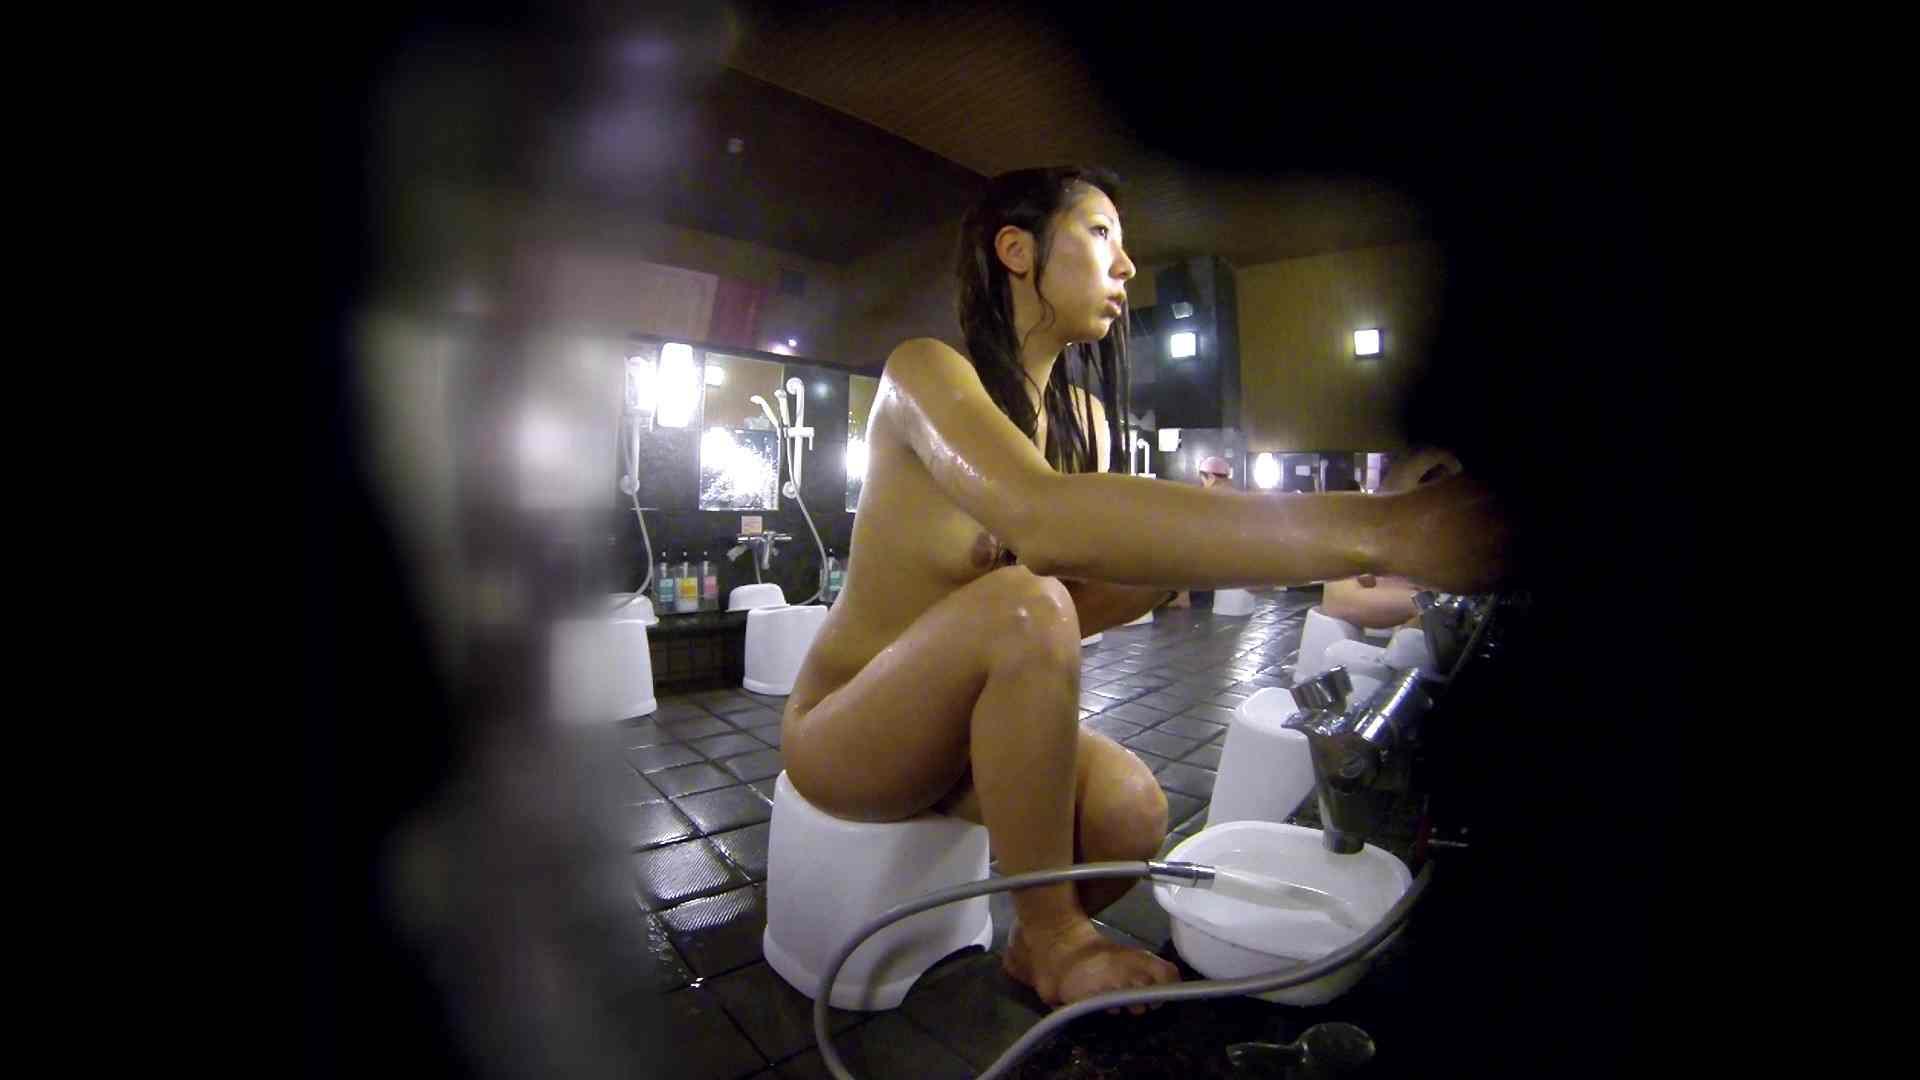 洗い場!綺麗に整えられた陰毛に嫉妬します。 細身女性 おめこ無修正画像 63画像 15